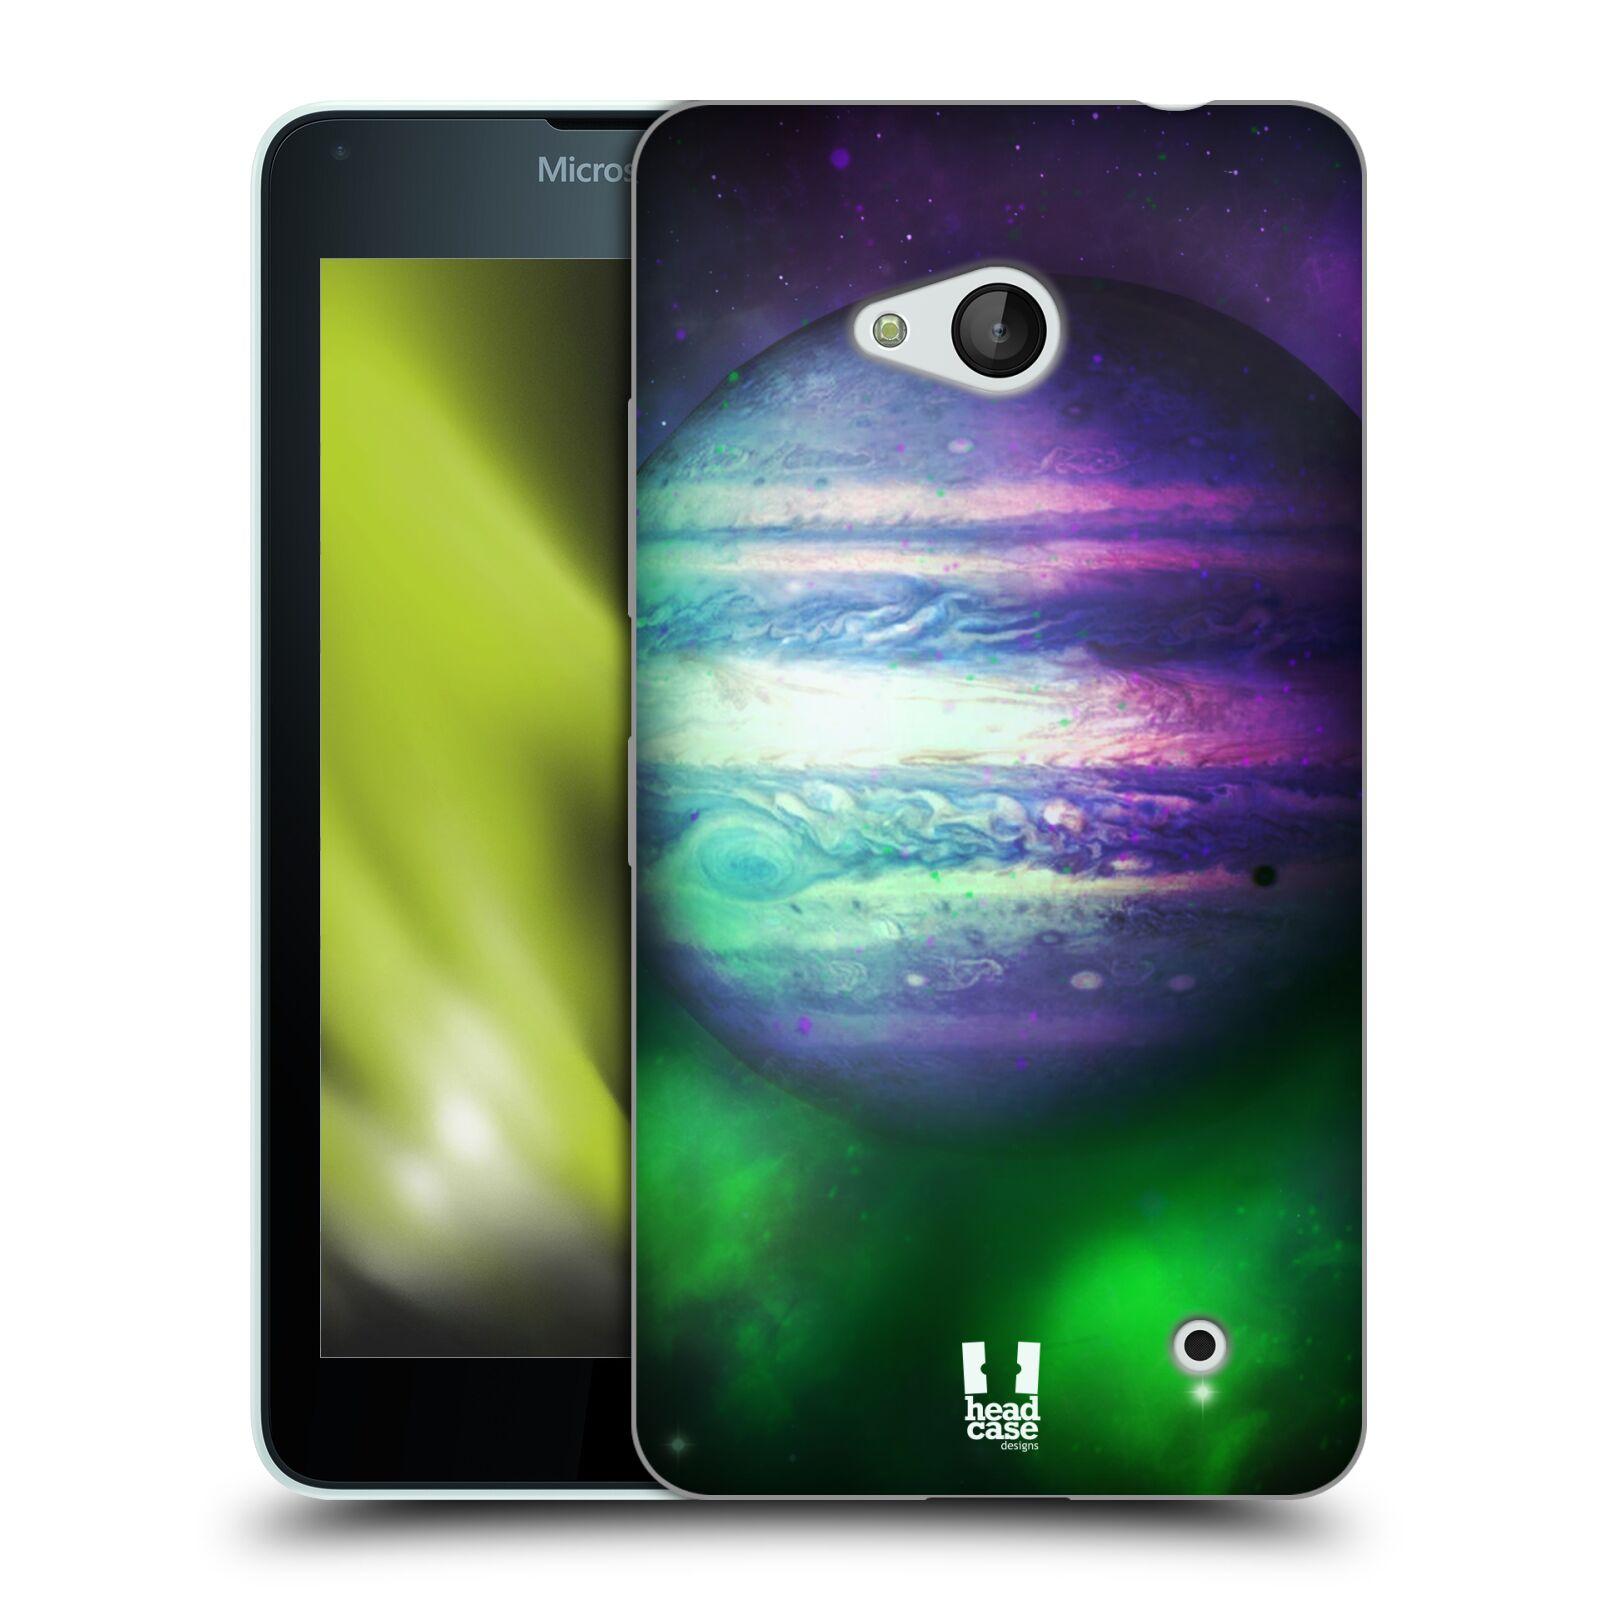 HEAD CASE silikonový obal na mobil Microsoft / Nokia Lumia 640 / Lumia 640 DUAL vzor Vesmírná krása JUPITER MODRÁ